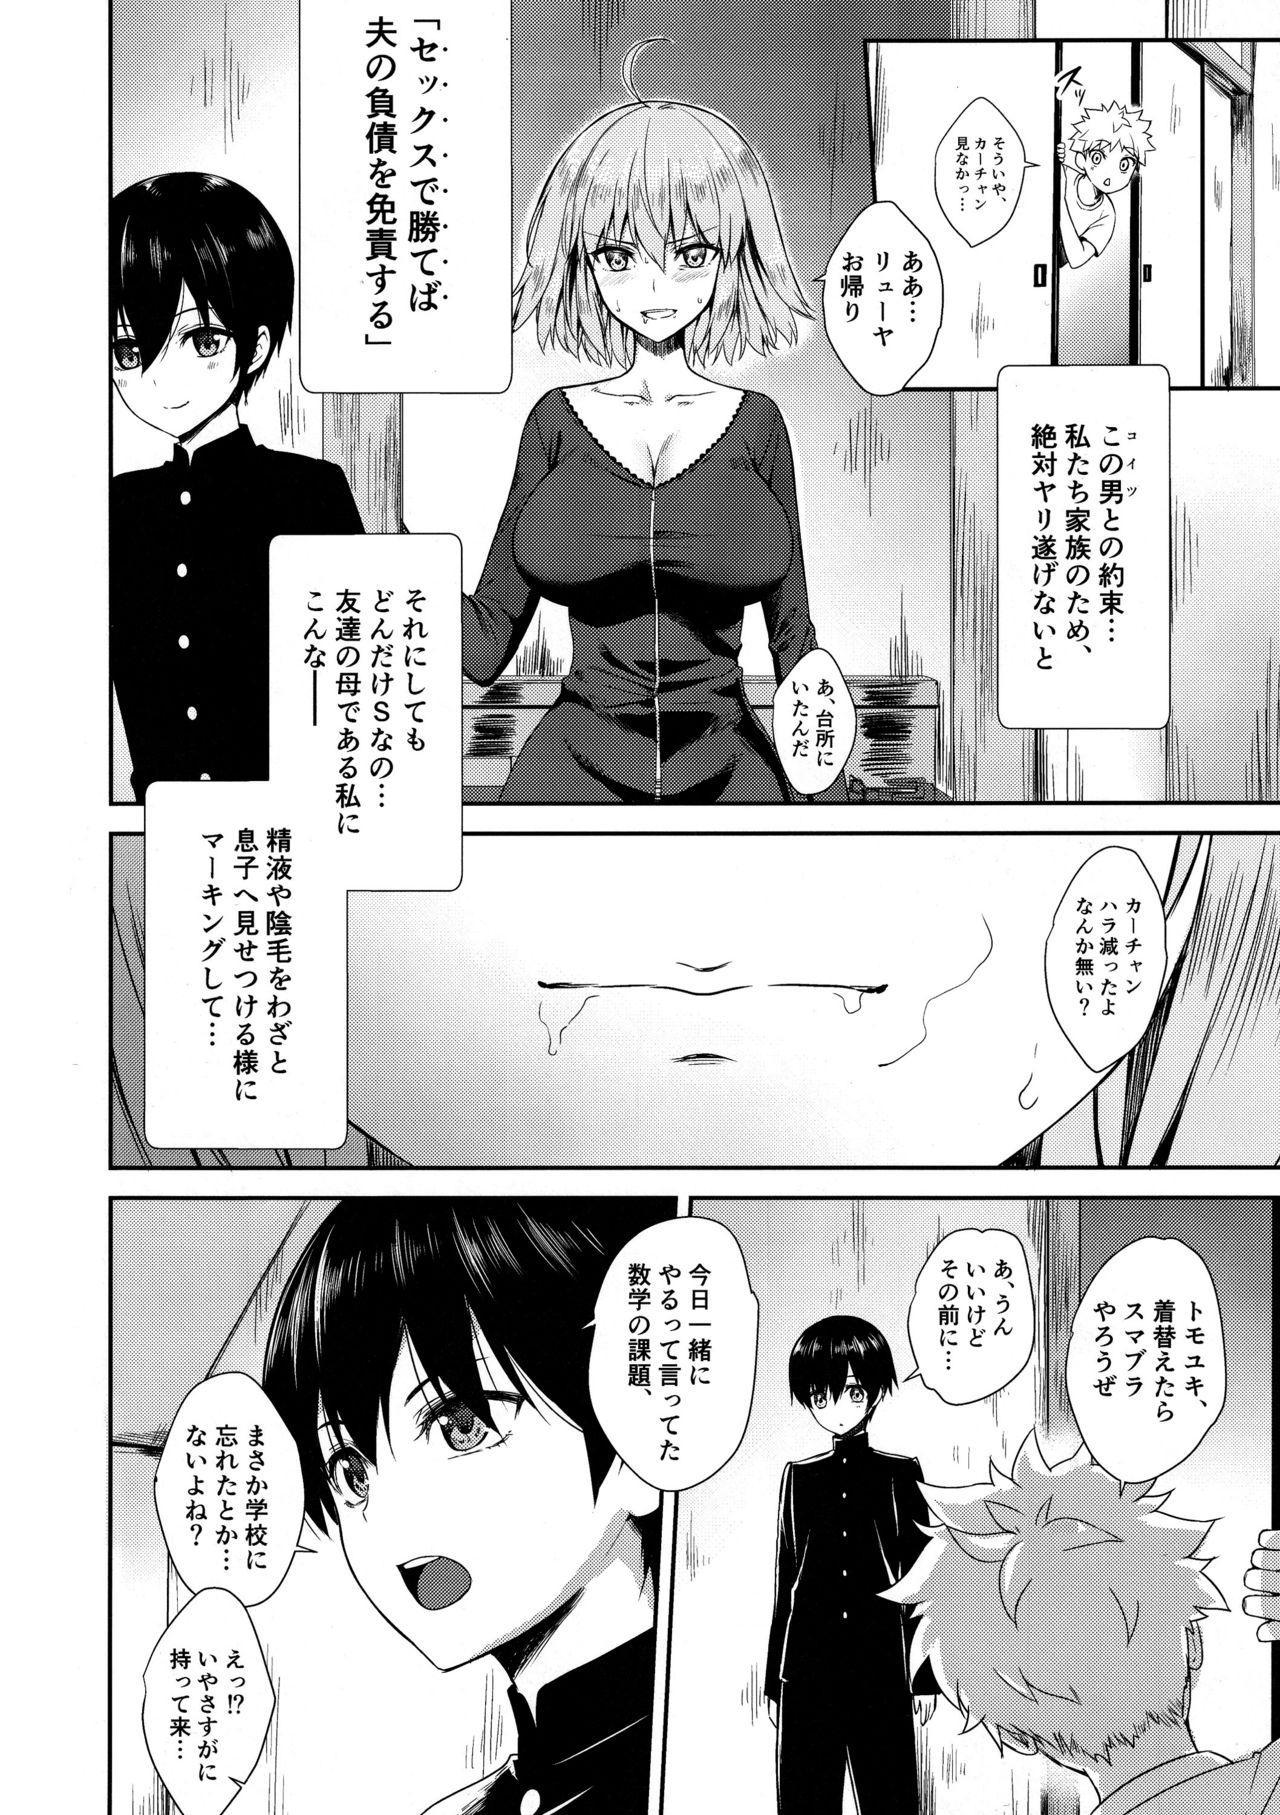 (C97) [Yakiniku Tabetai (Derauea)] Jeanne Alter (32) no Shikyuu Haiboku ~Musuko no Tomodachi ni Tanetsuke o Kongan suru Hitozuma Servant~ (Fate/Grand Order) 7